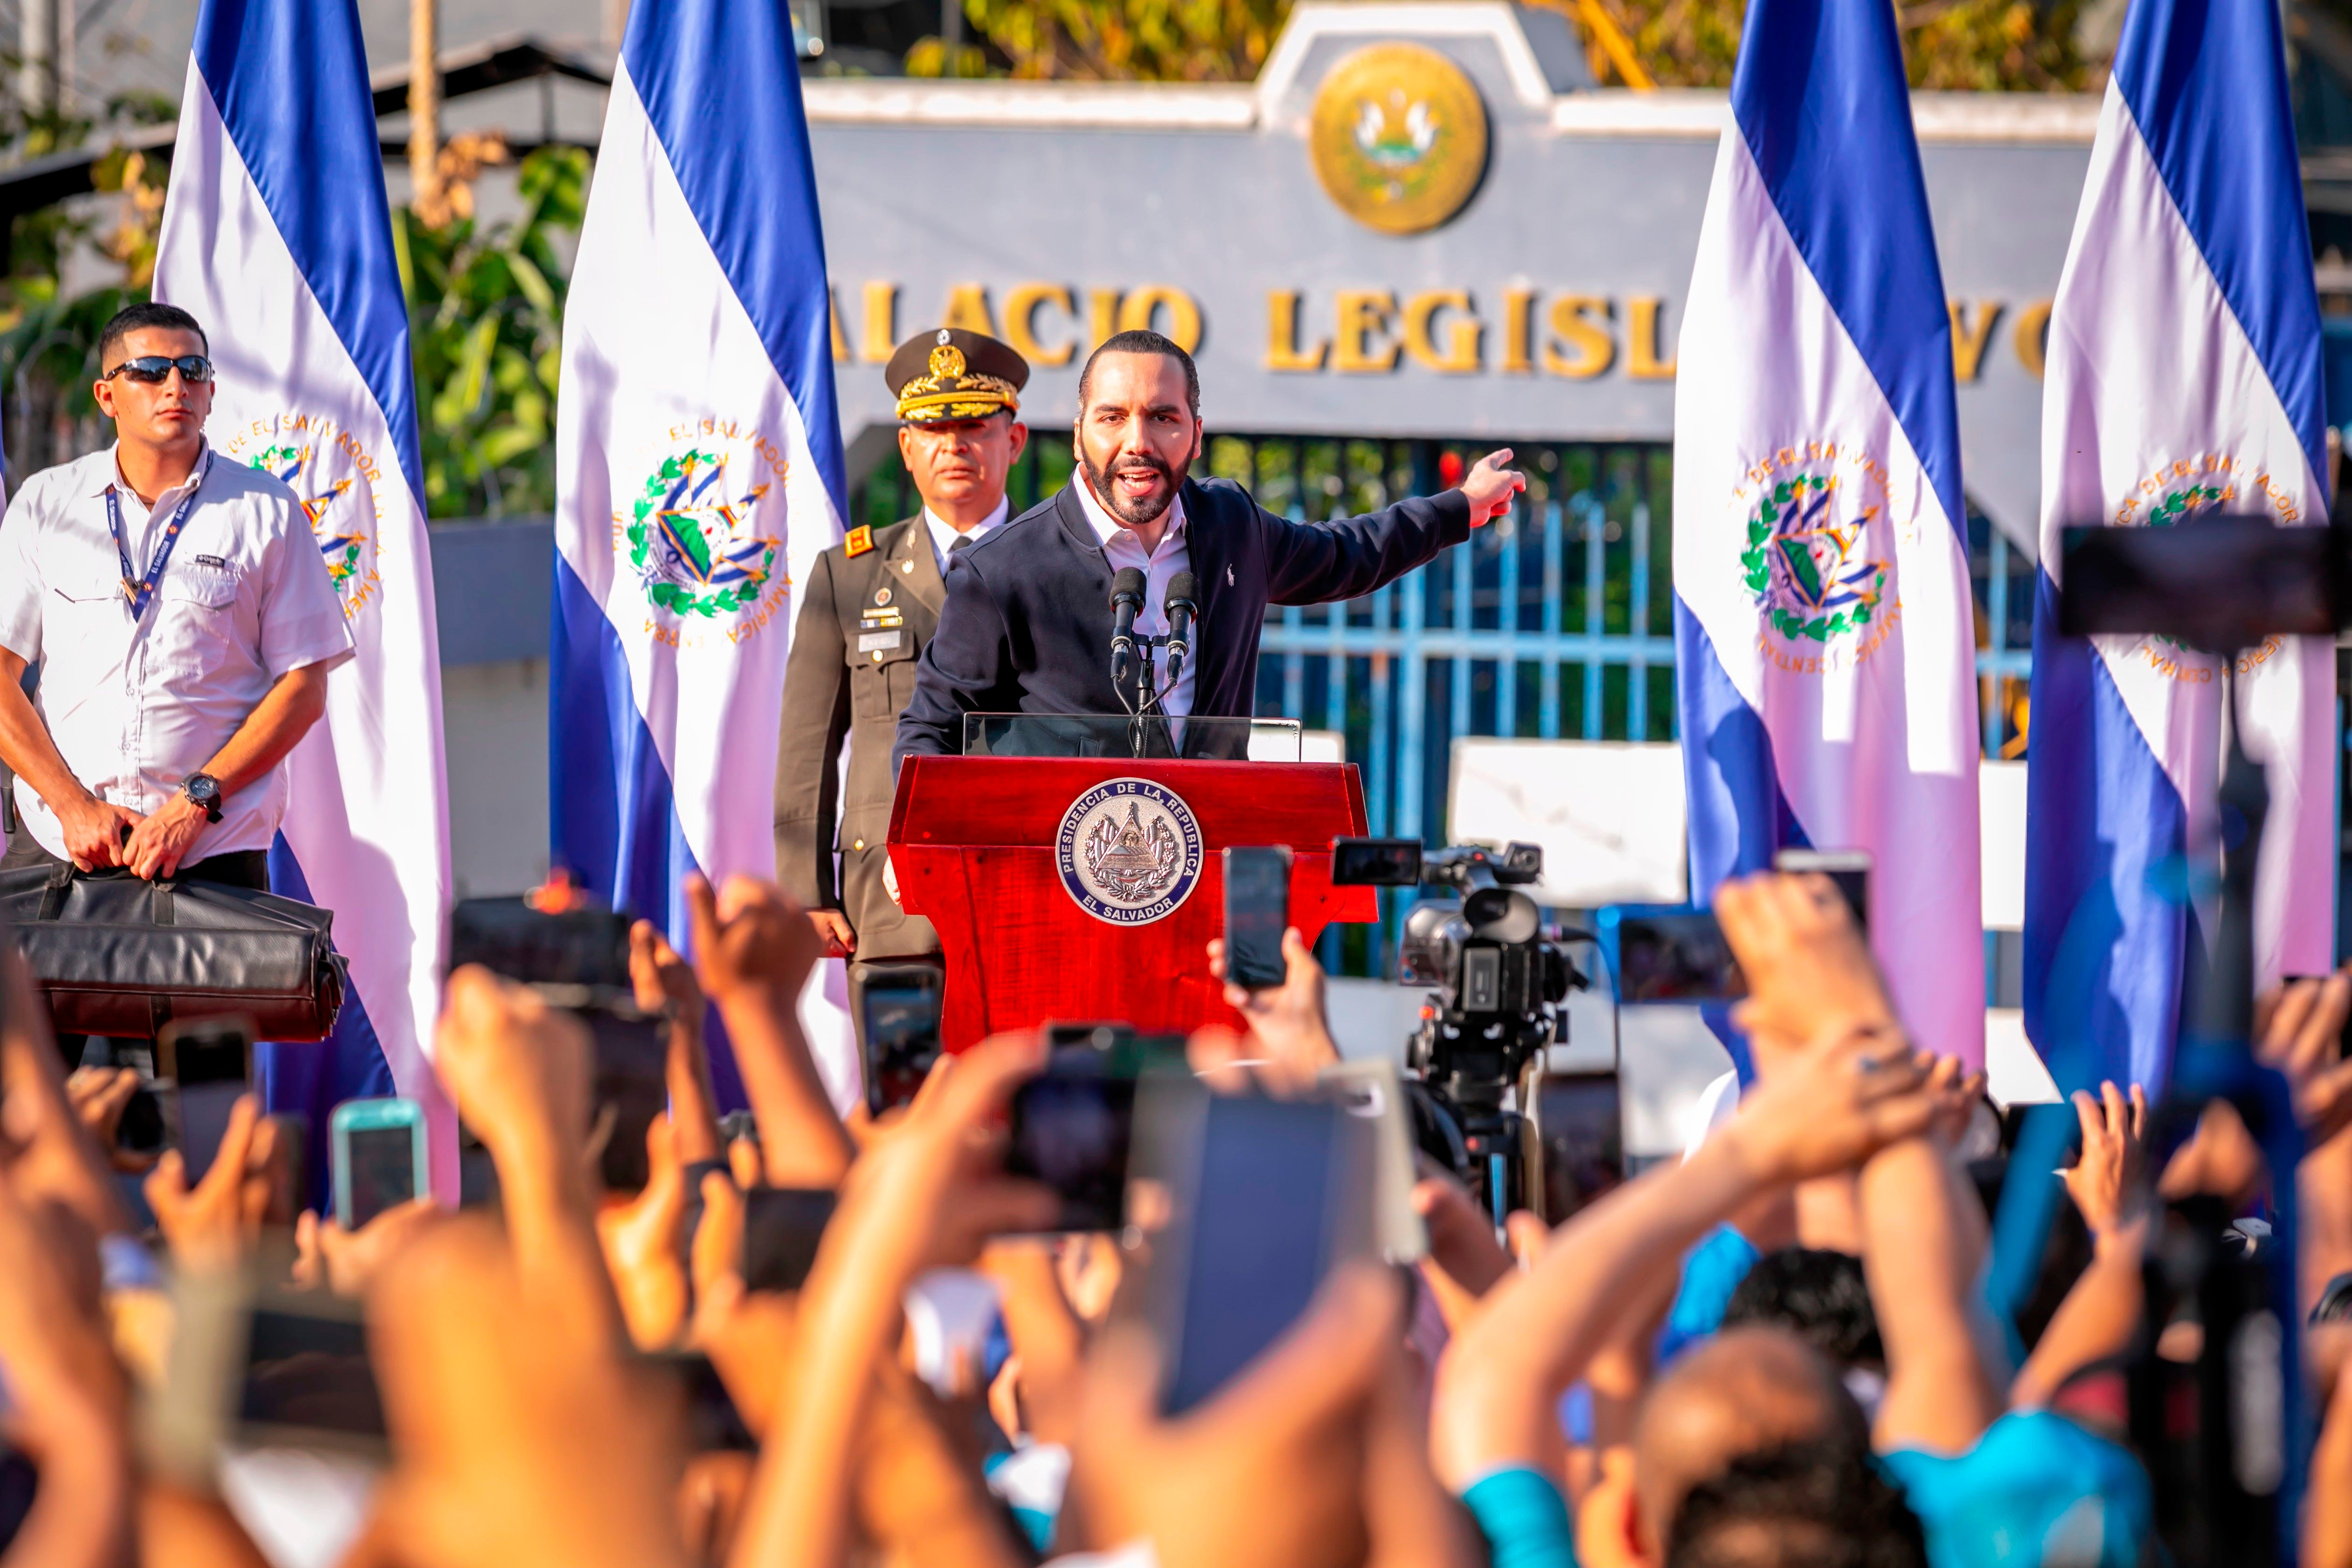 09-02-2020 El presidente de El Salvador, Nayib Bukele, frente a la Asamblea Legislativa POLITICA CENTROAMÉRICA EL SALVADOR INTERNACIONAL PRESIDENCIA DE EL SALVADOR